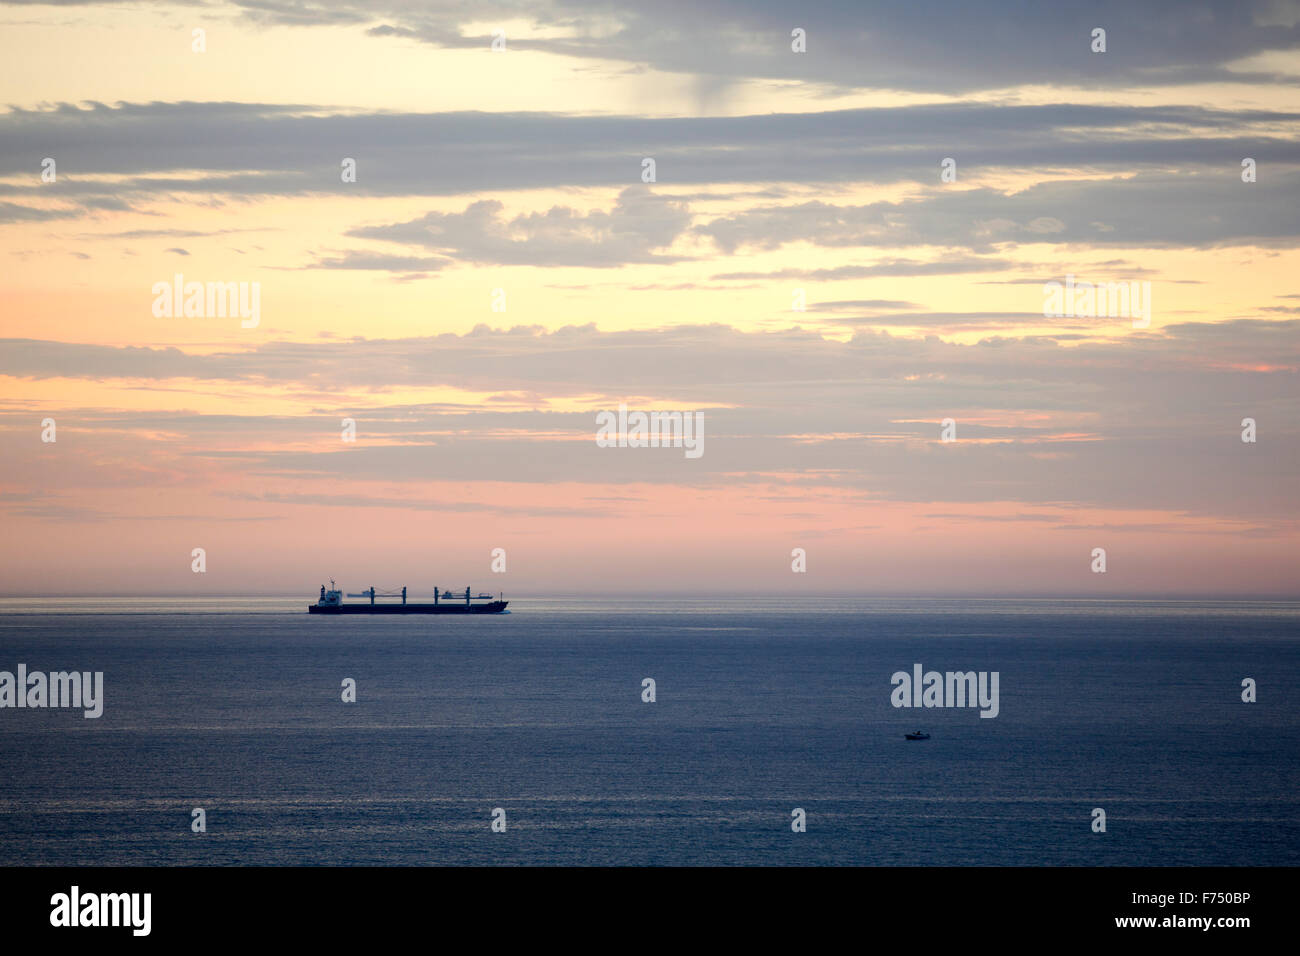 A ship off Skala Eresou, Lesvos, Greece. Stock Photo